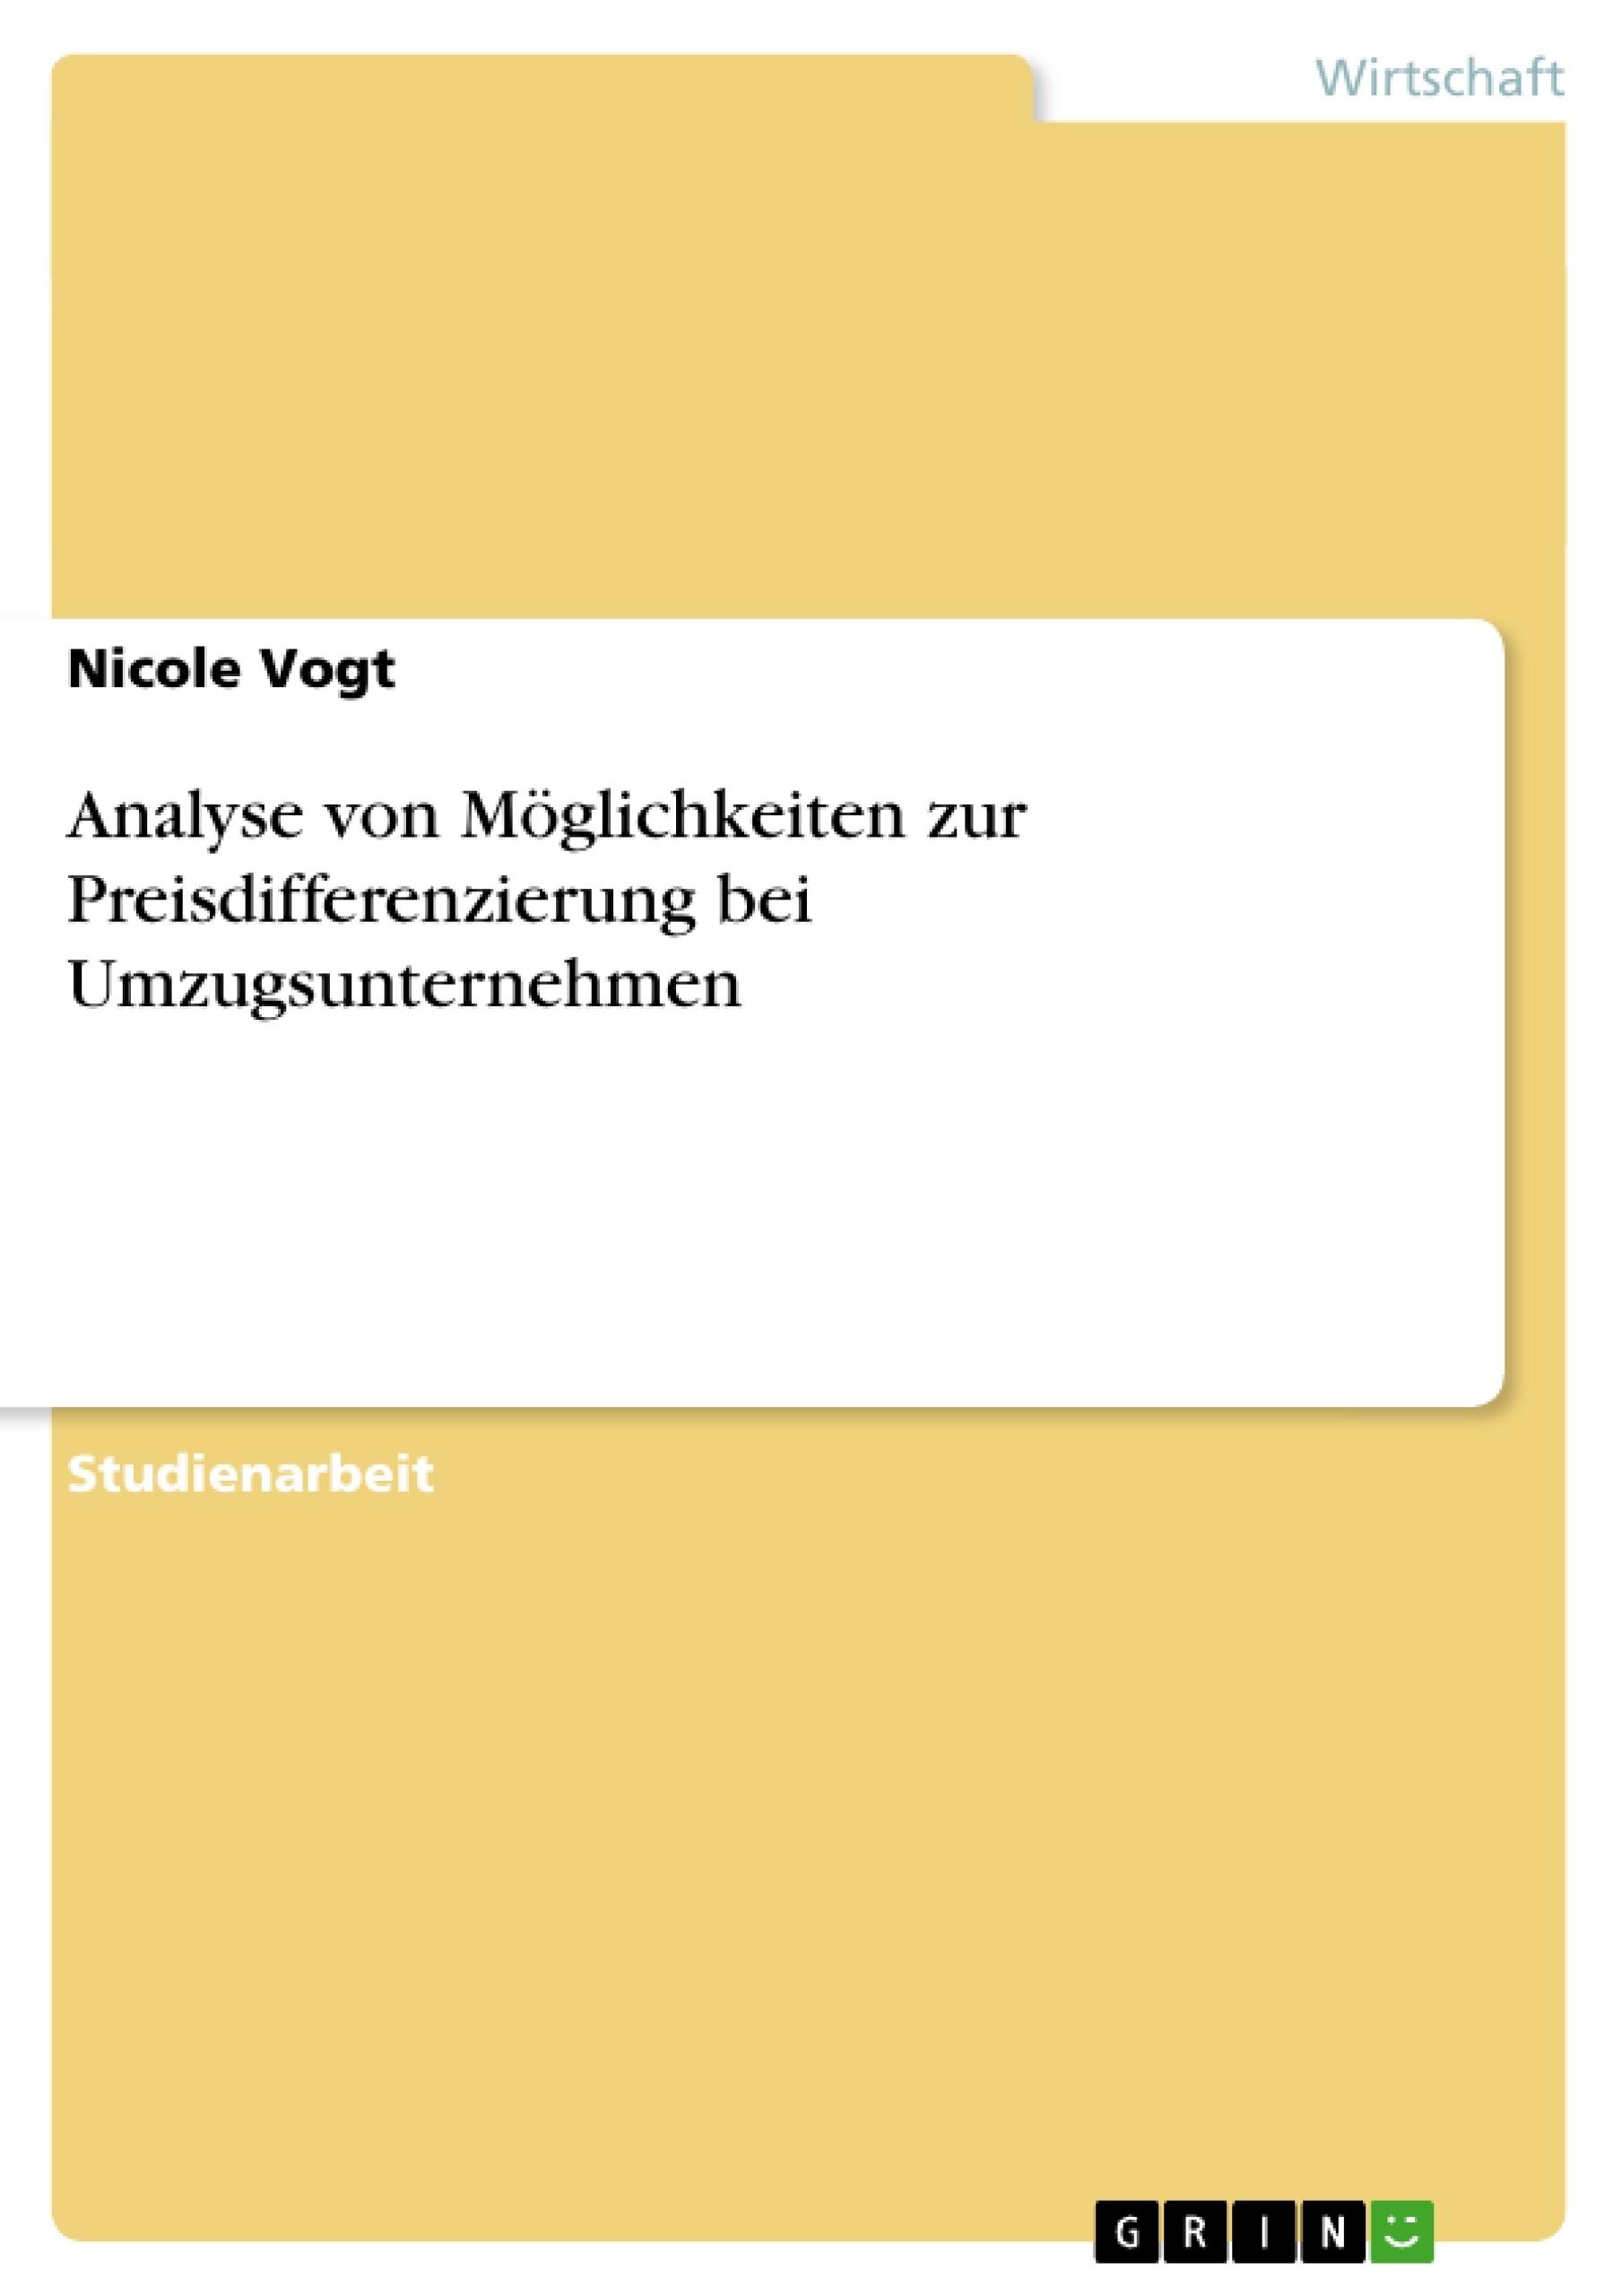 Titel: Analyse von Möglichkeiten zur Preisdifferenzierung bei Umzugsunternehmen